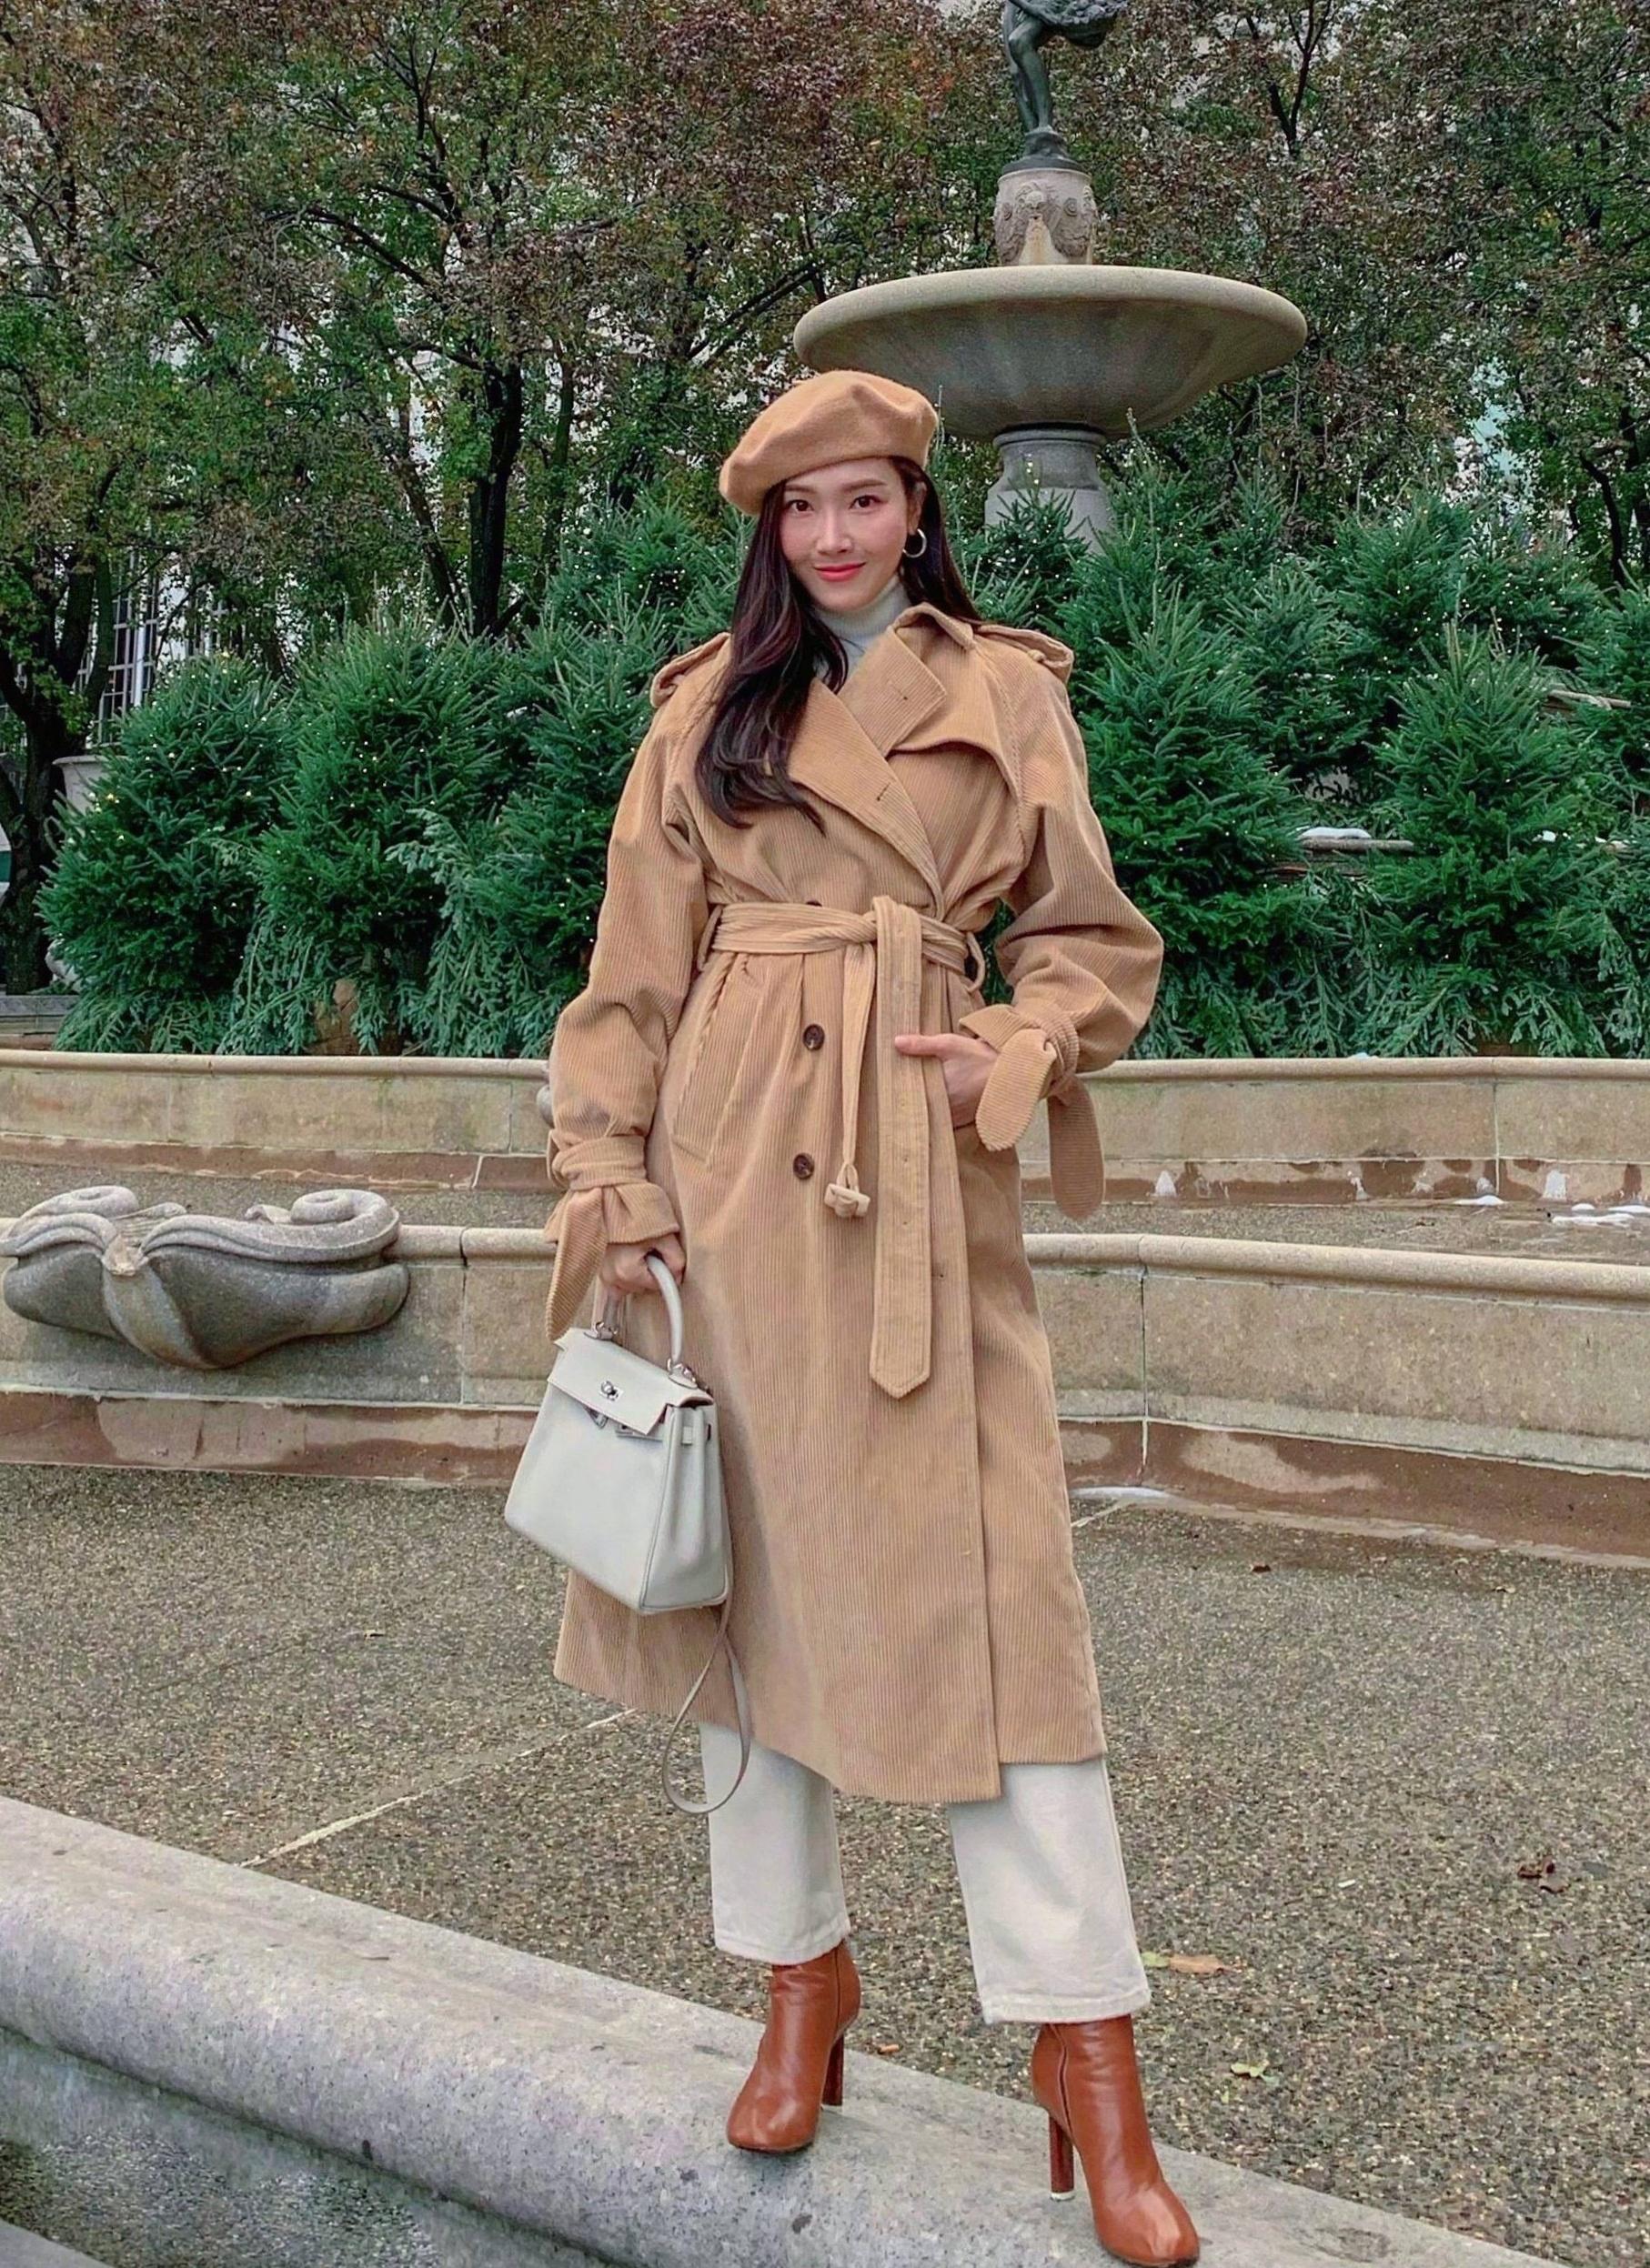 Thần tượng Hàn Quốc ghi điểm với set đồ phong cách cổ điển, sang trọng gồm: mũ beret, quần kaki, trench coat màu camel (vàng lạc đà) và boots da. Cô mang túi Hermes dòng Kelly, size 28 cm, giá 12.130 USD.